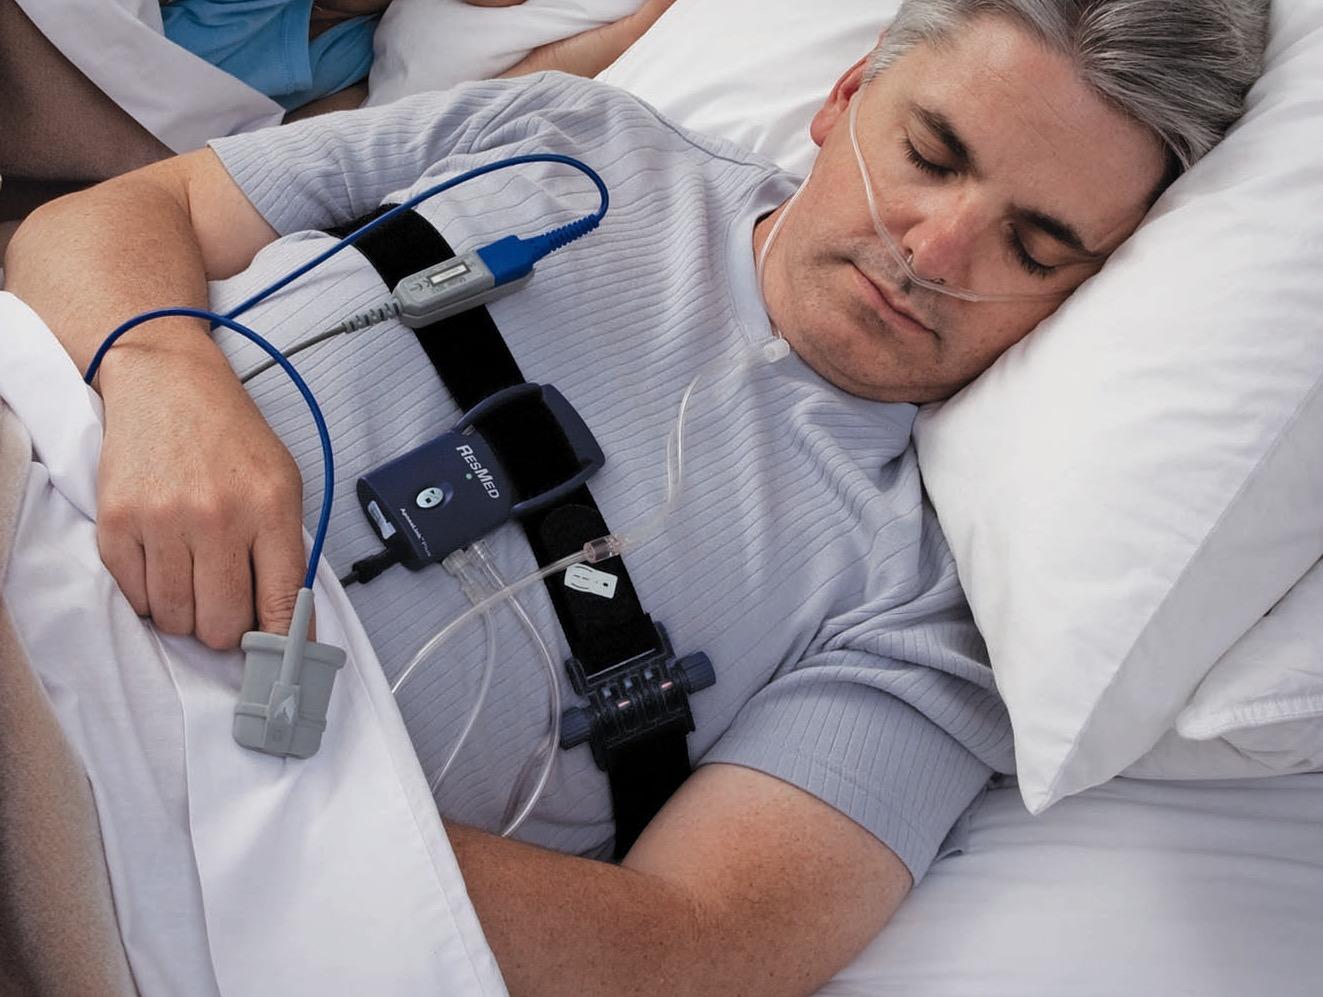 Что делать, если вам трудно дышать, а скорая все не едет? Рекомендации врача